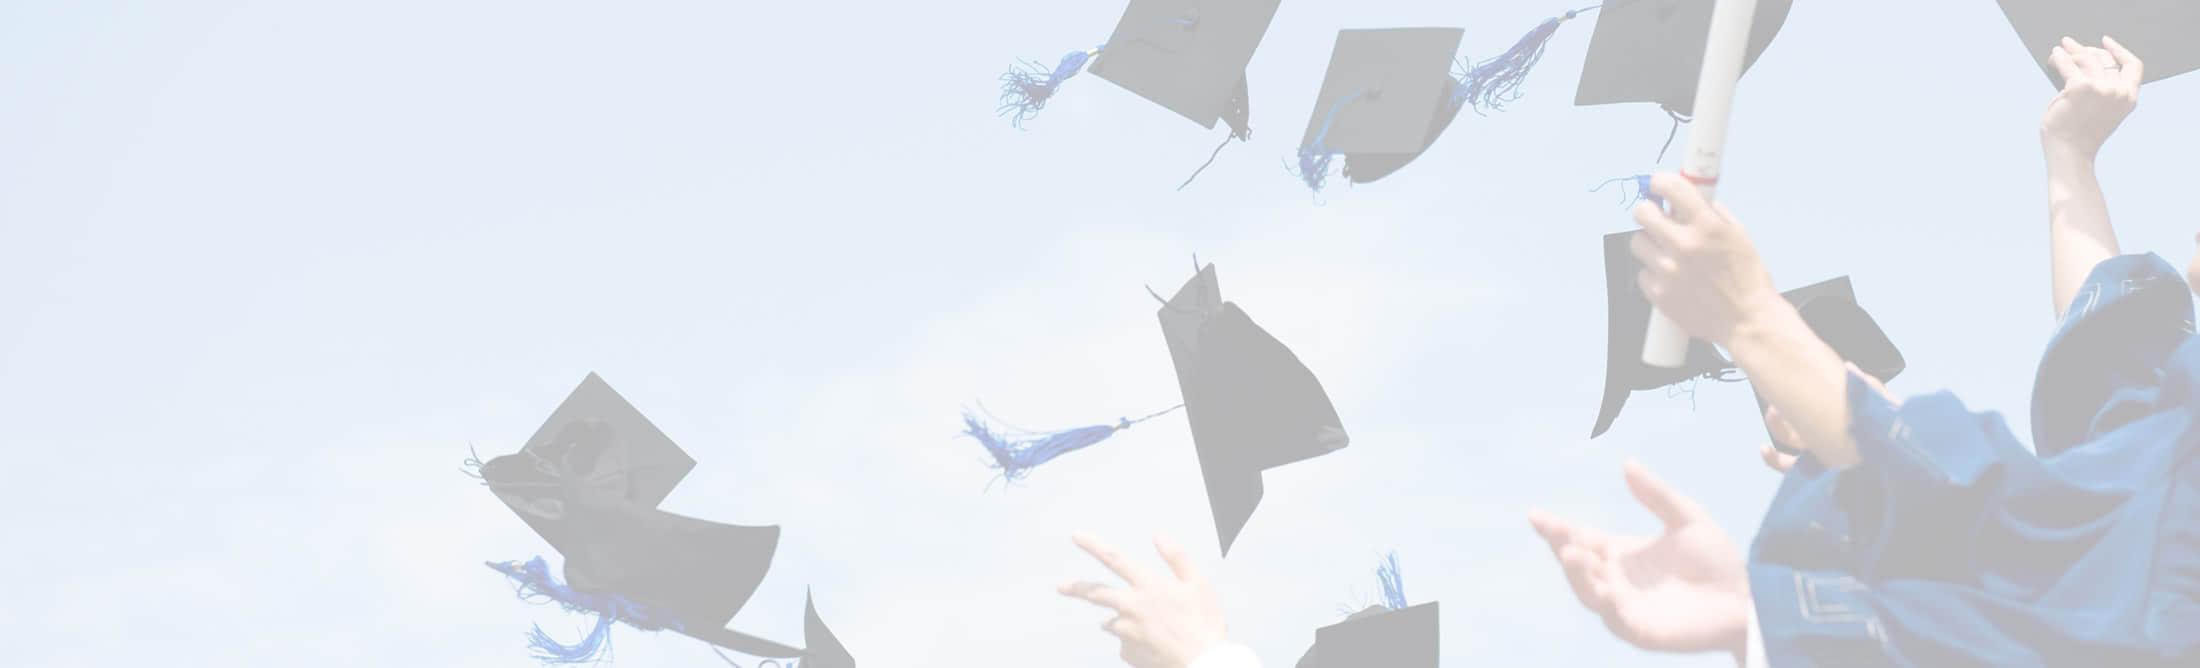 Graduación 2019 <br> El día que nos asomamos al porvenir